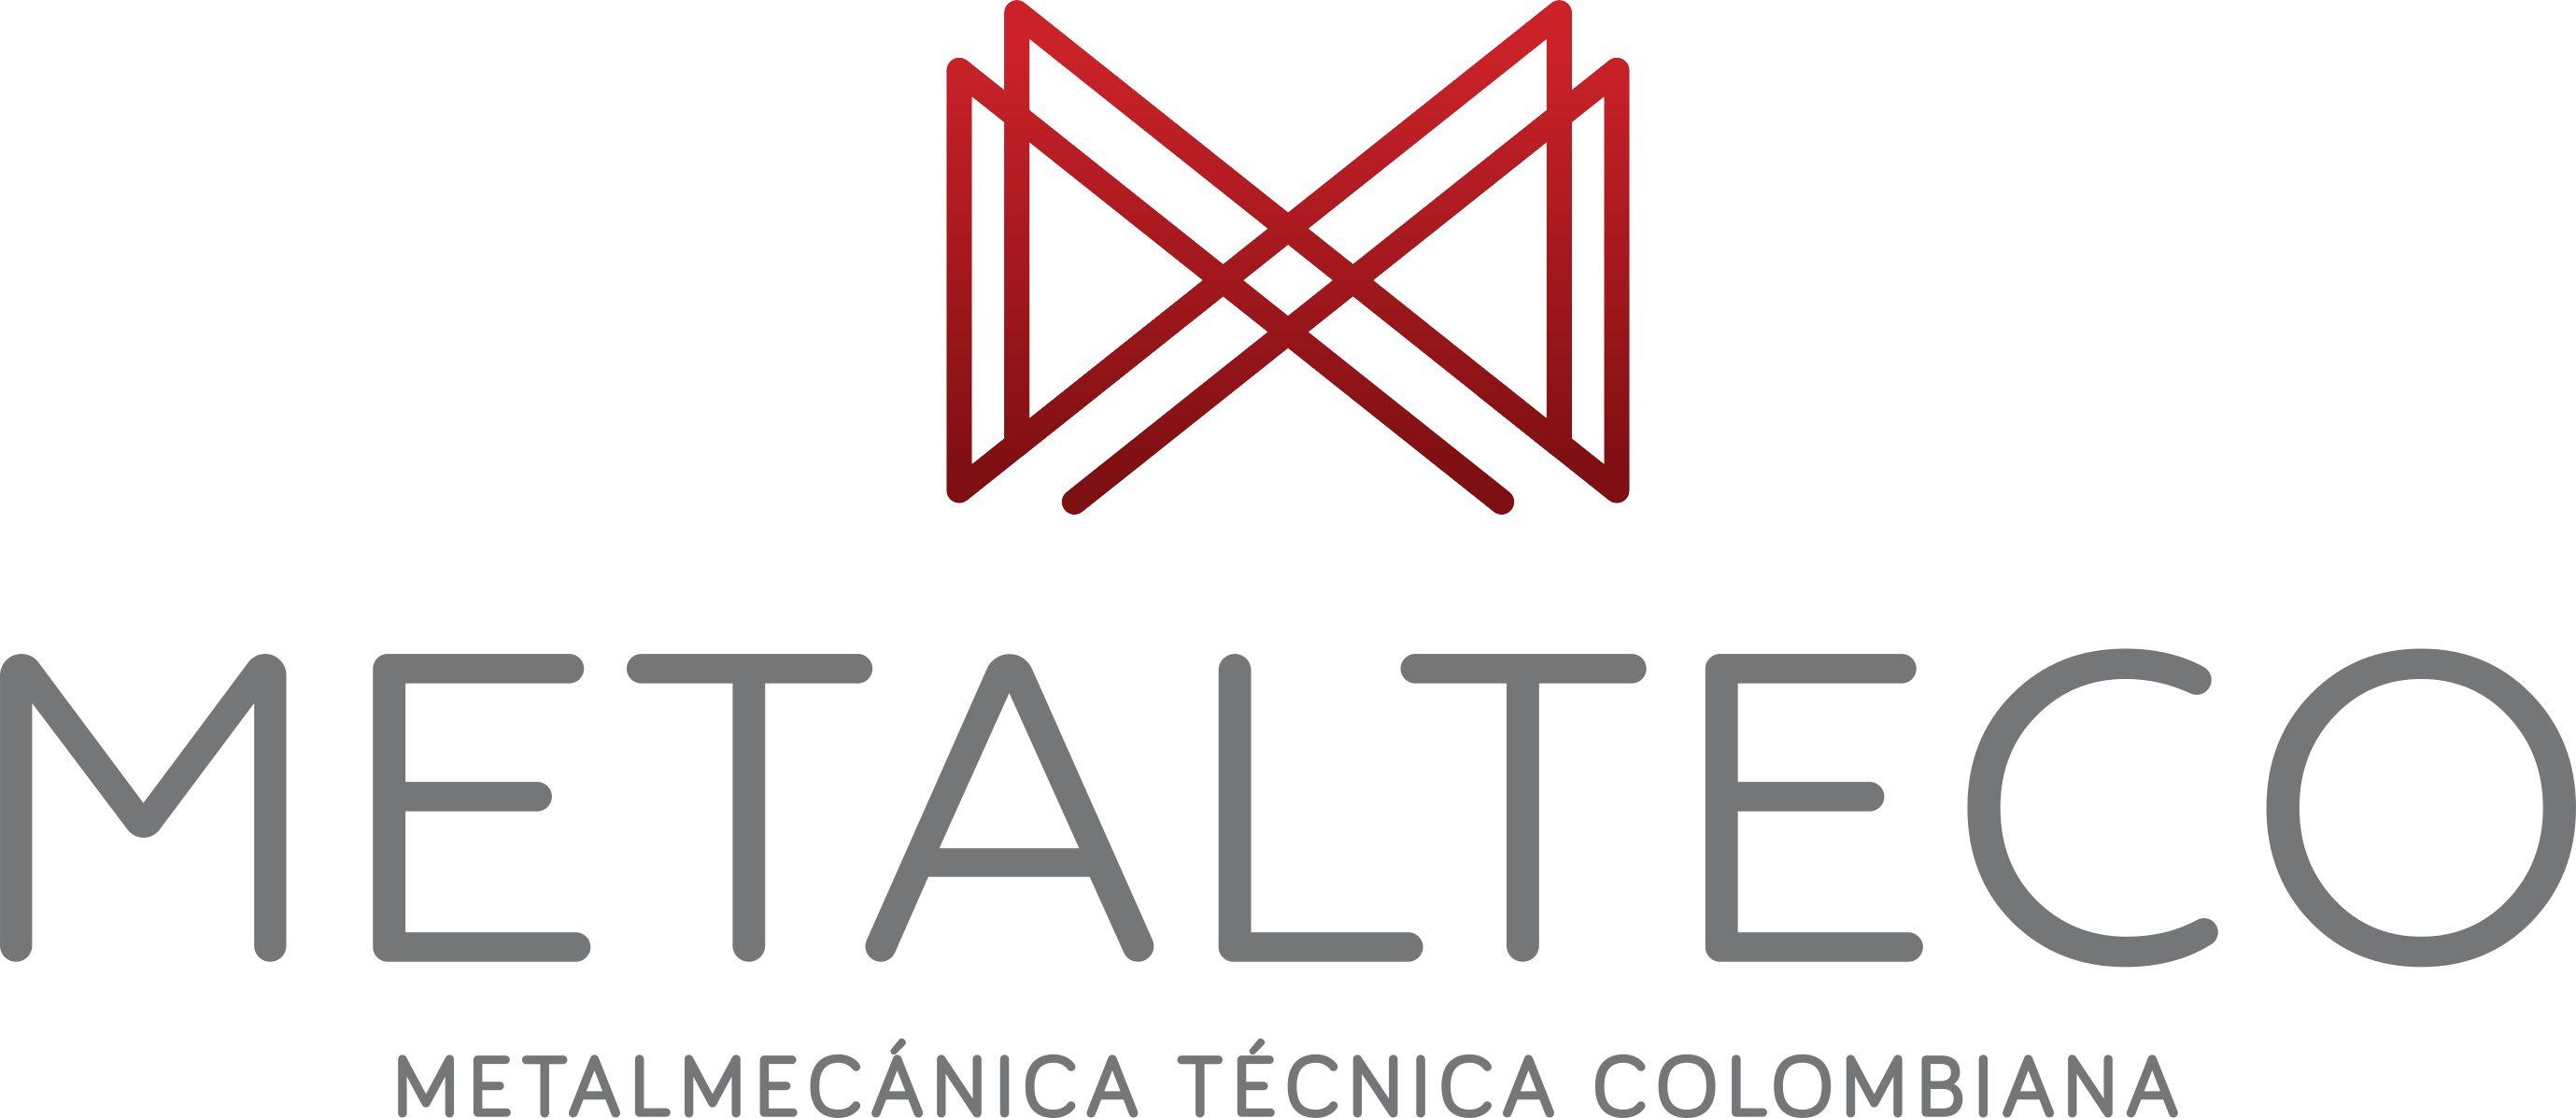 METALTECO S.A.S.S.